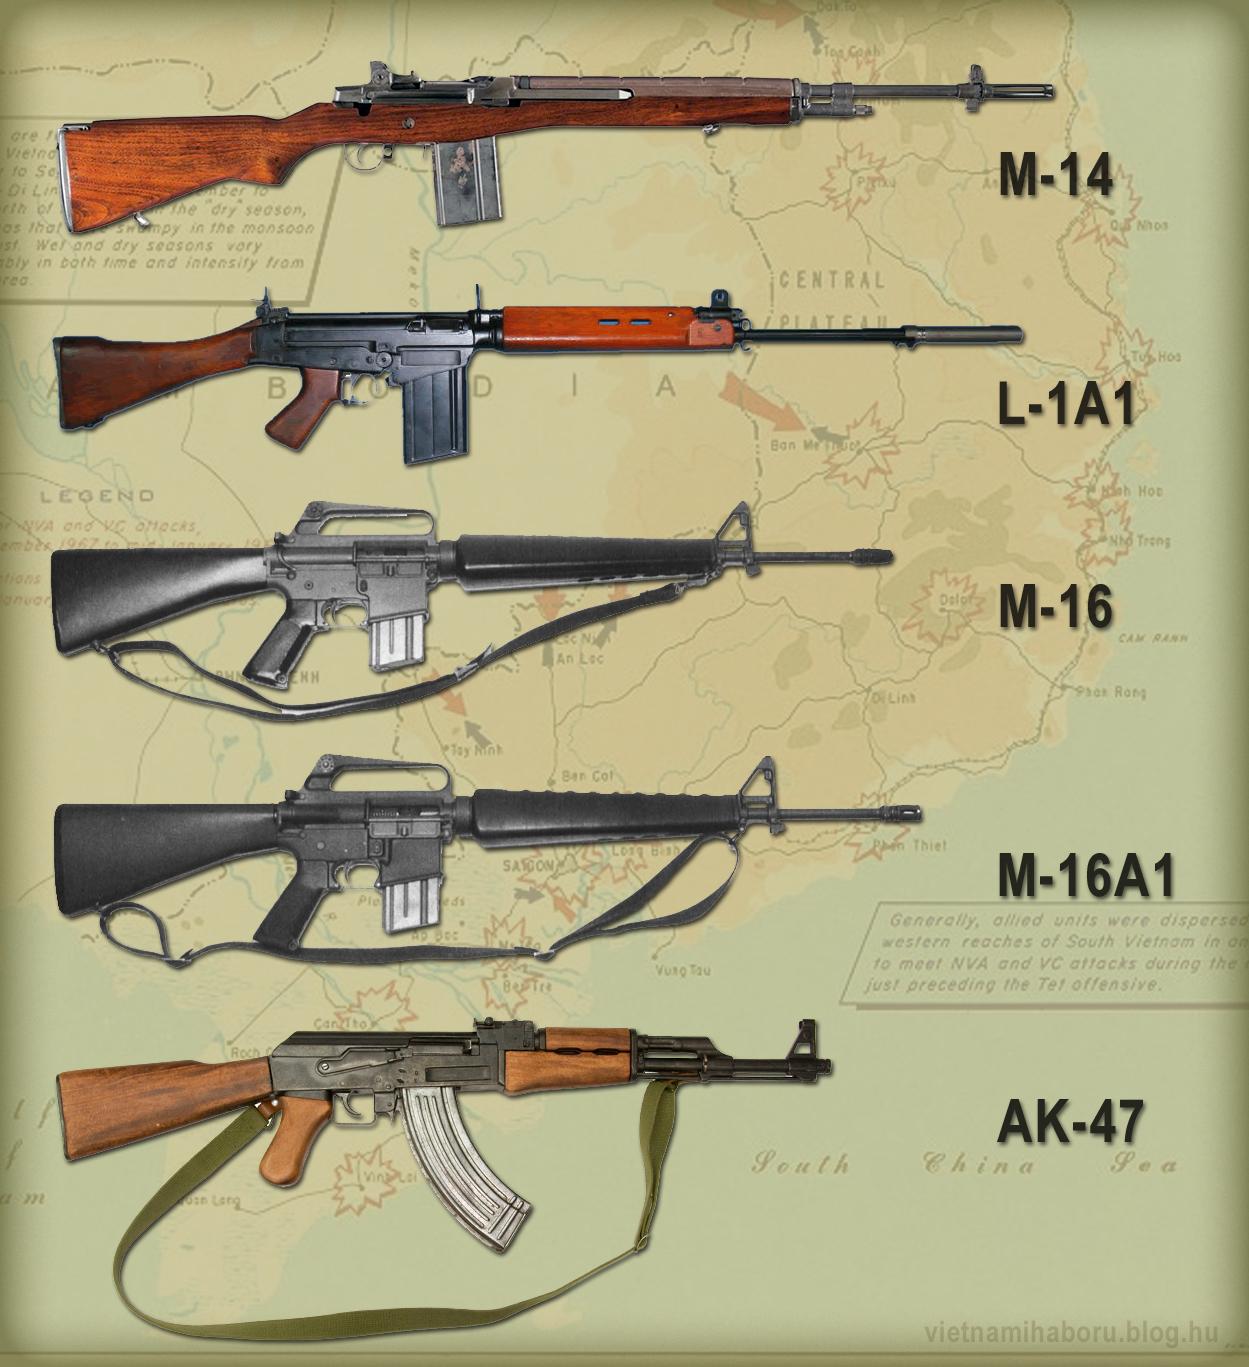 vn_war_rifles_and_assault_rifles.jpg